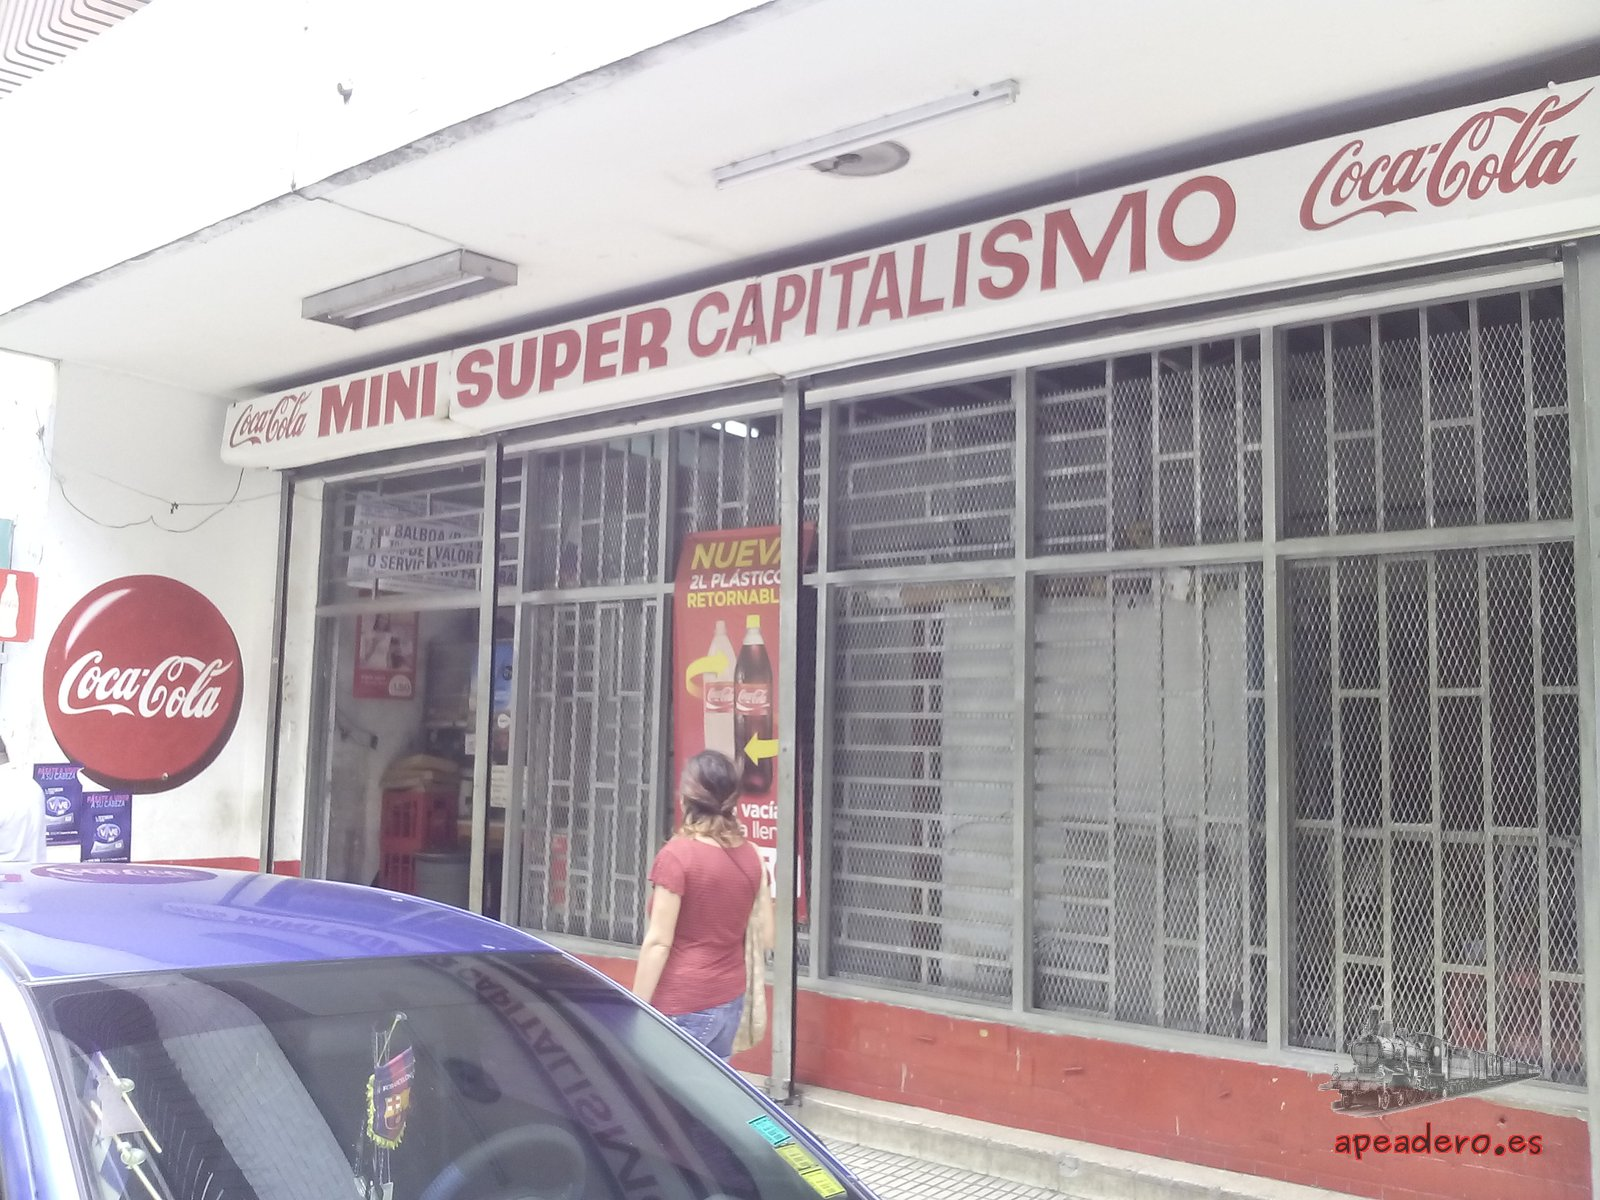 Habitualmente no hay  mejor explicación de cómo es un lugar que leyendo sus paredes. A veces son los graffitis otras son el nombre que le ponen a un supermercado de barrio: Mini super capitalismo, exactamente lo que es Panamá, un sistema capitalista con una sociedad hiper-consumista, siempre con prisas y con una enorme desigualdad social.